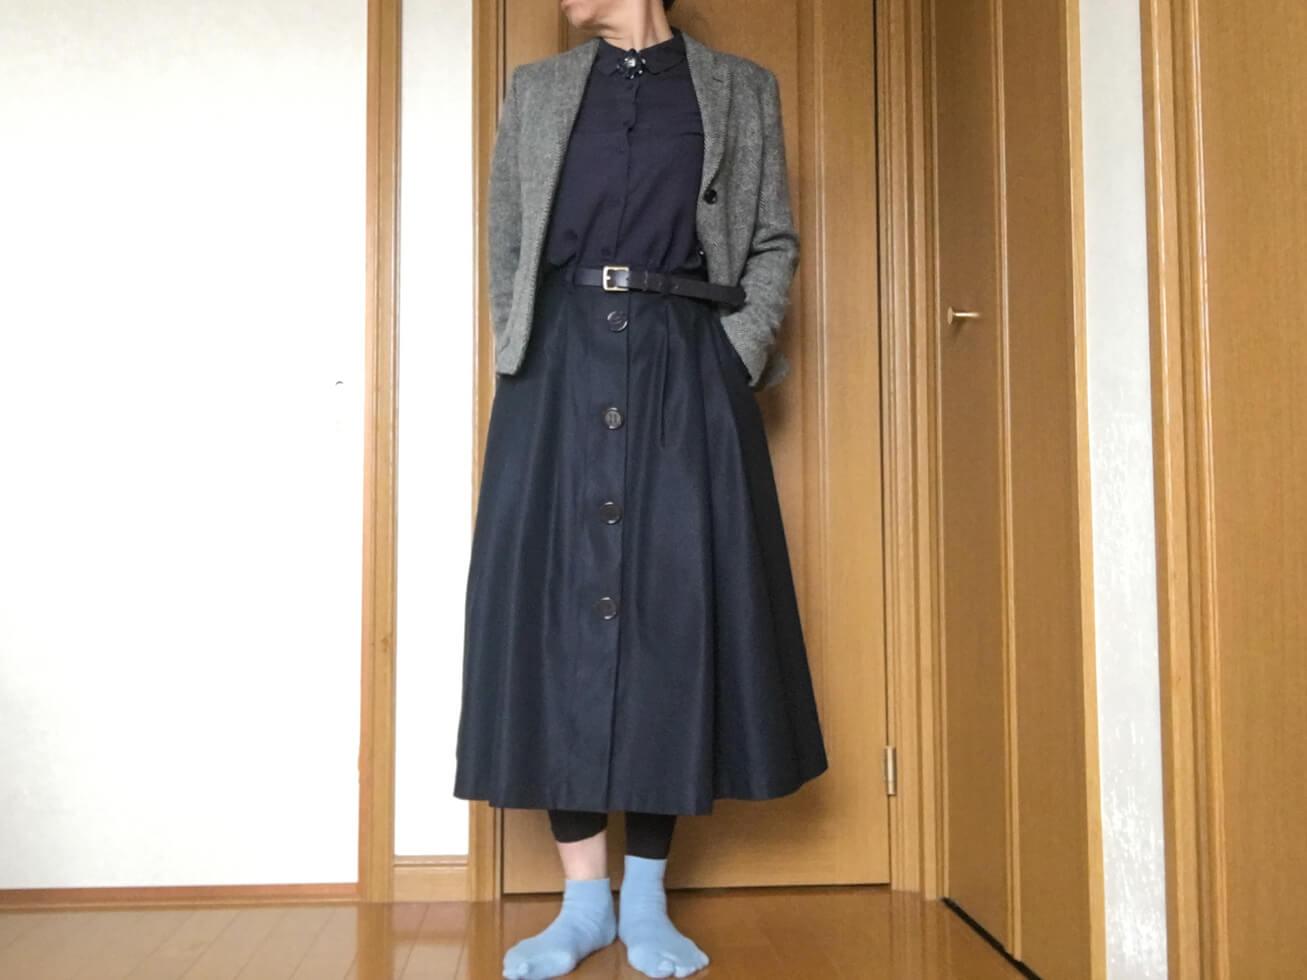 紺のブラウスのおしゃれコーデで変な靴下をはいている写真